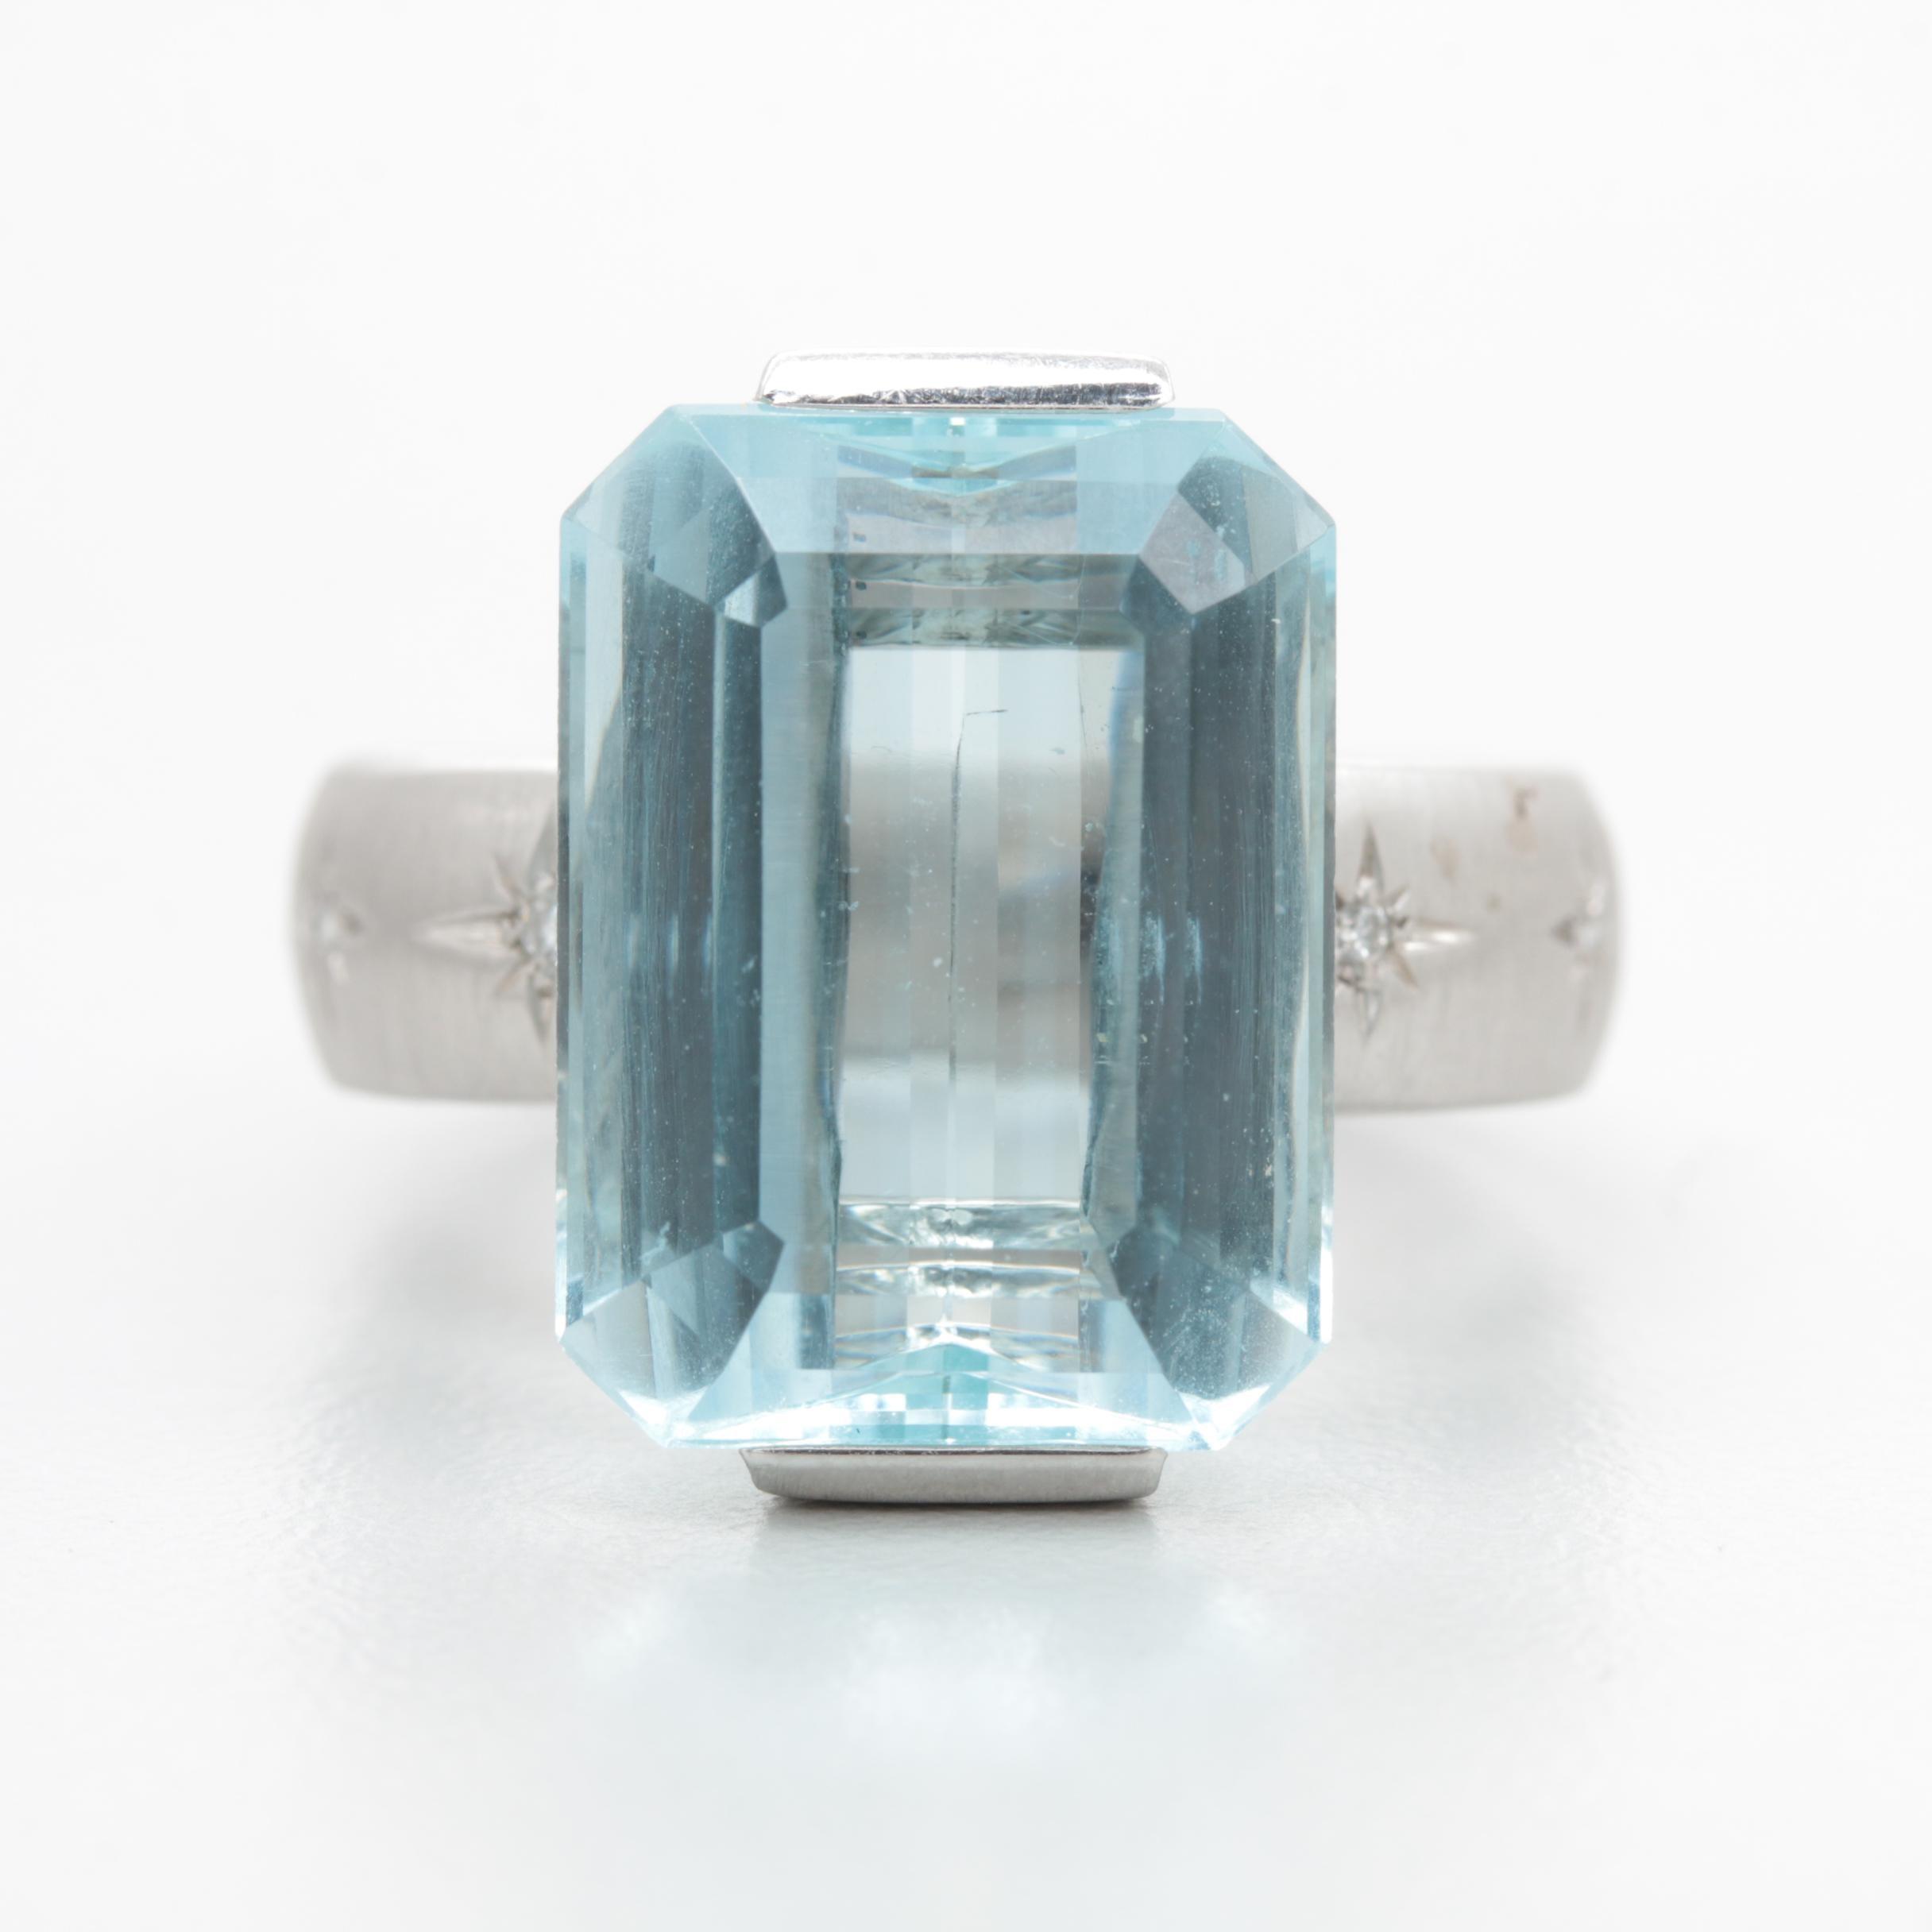 18K White Gold 12.87 CT Aquamarine and Diamond Ring